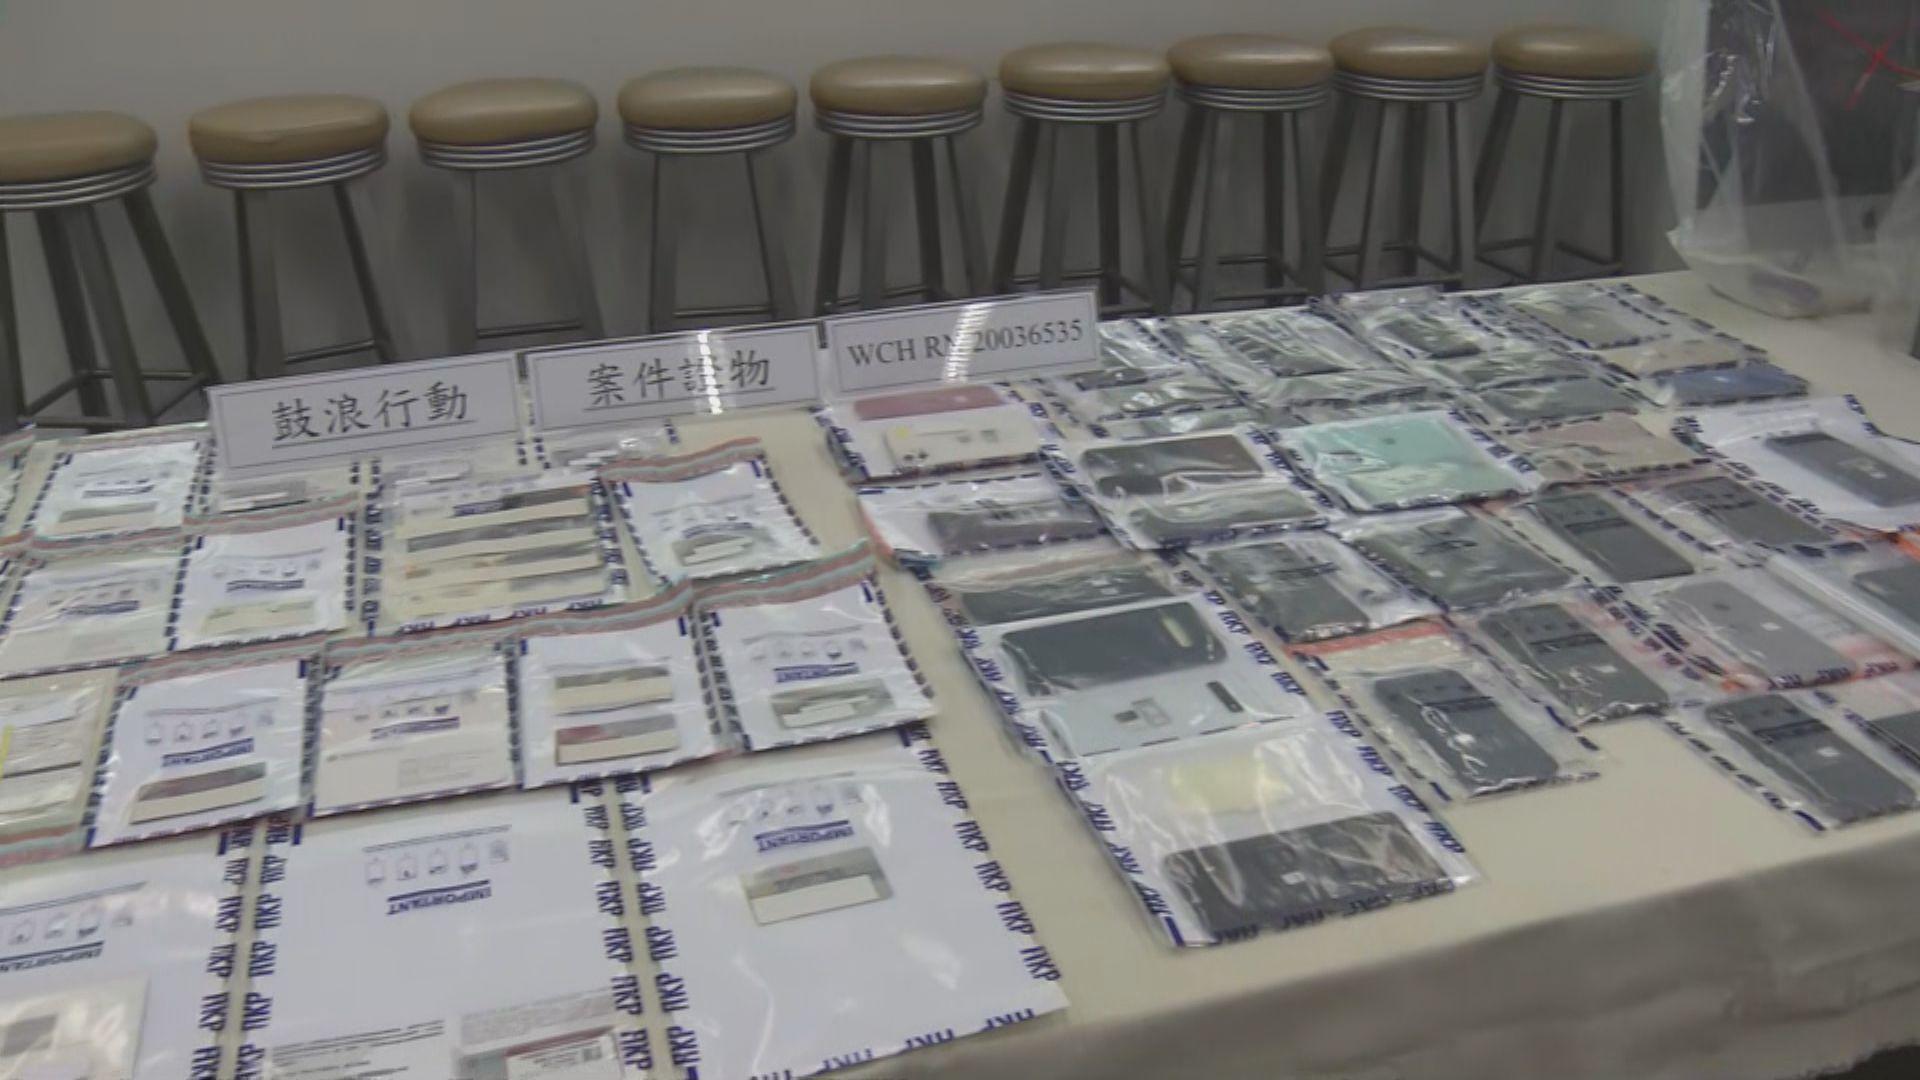 警拘62人涉用假僱傭合約及糧單騙防疫基金284萬元